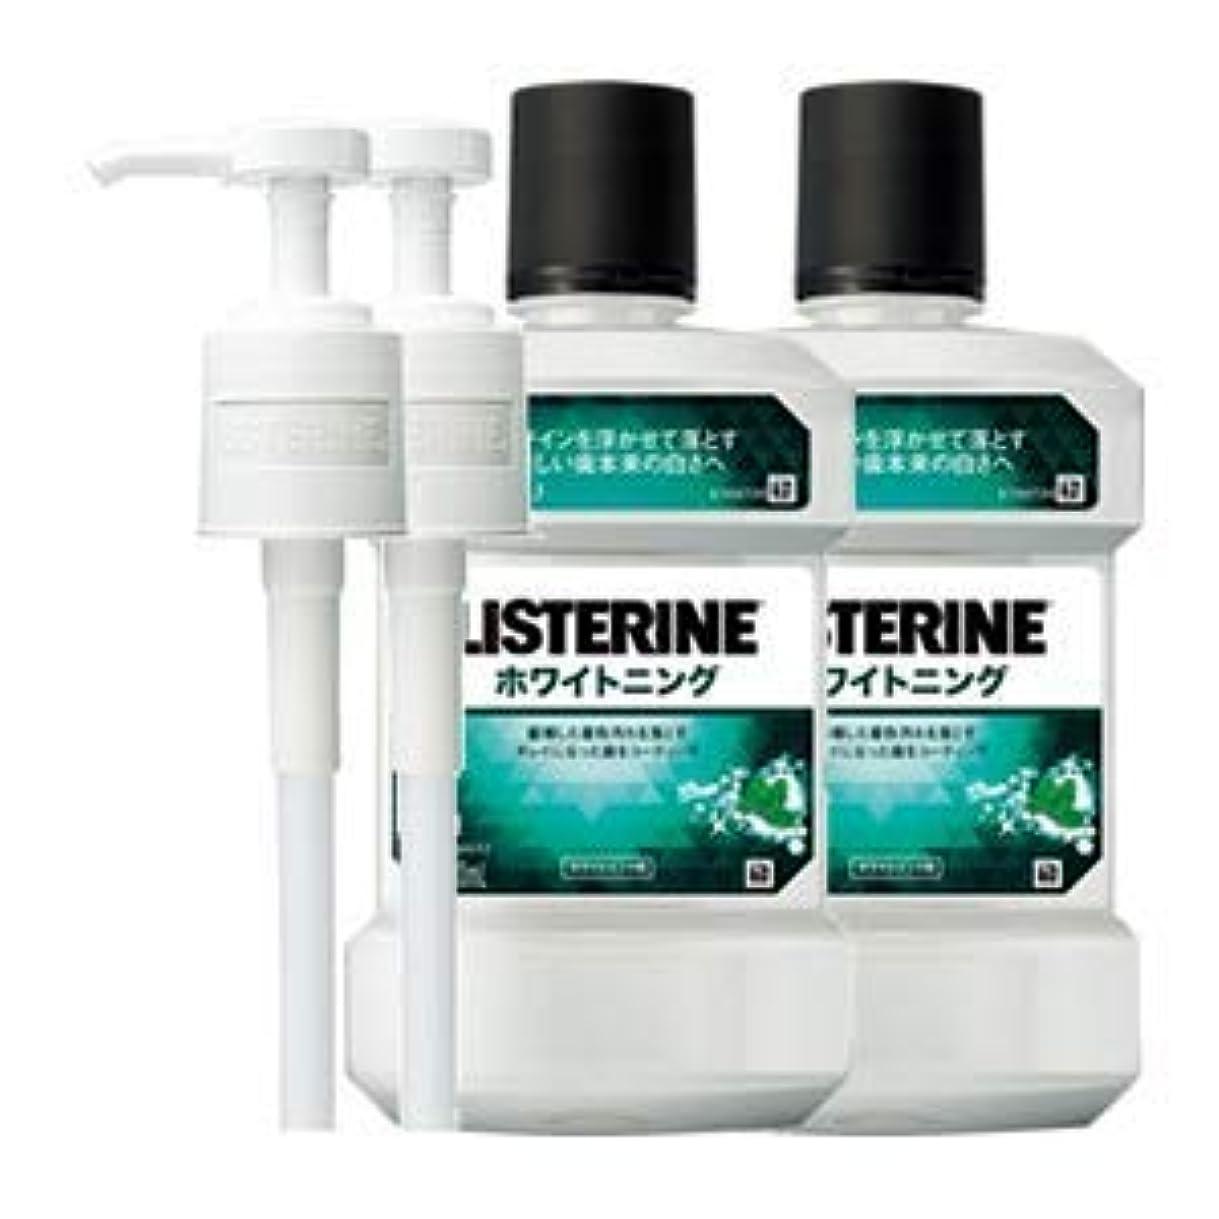 ショルダーデータユーザー薬用 リステリン ホワイトニング (液体歯磨) 1000mL 2点セット (ポンプ付)